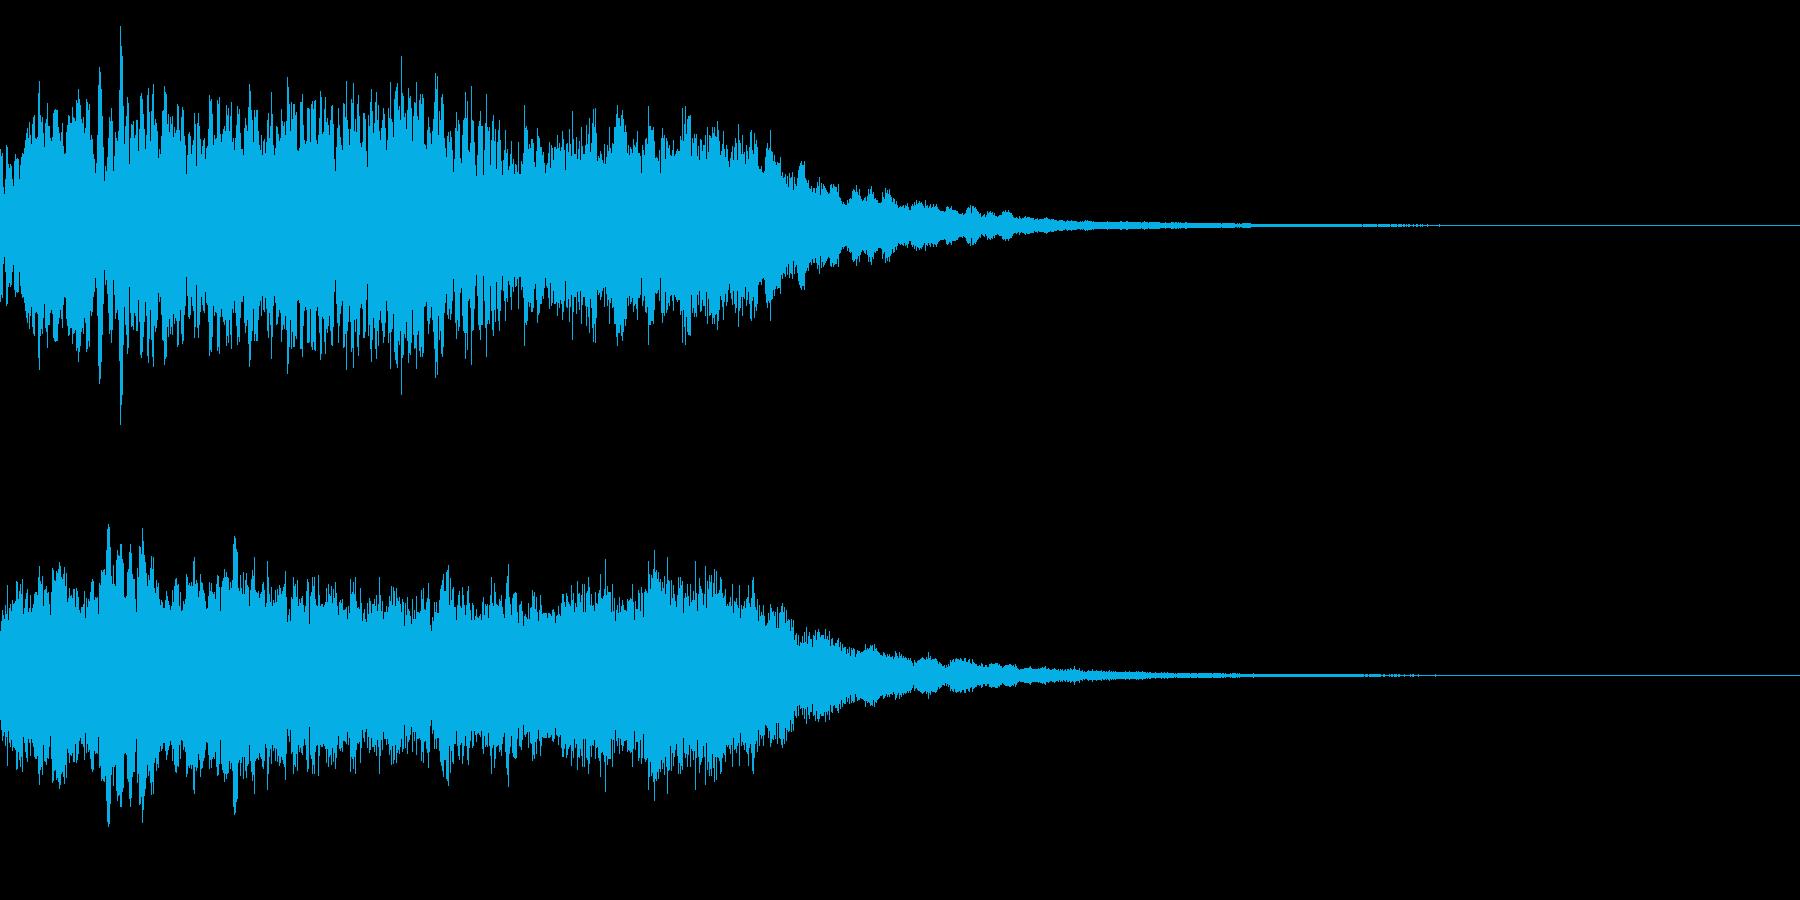 神社 結婚式の笛(笙)和風フレーズ!03の再生済みの波形